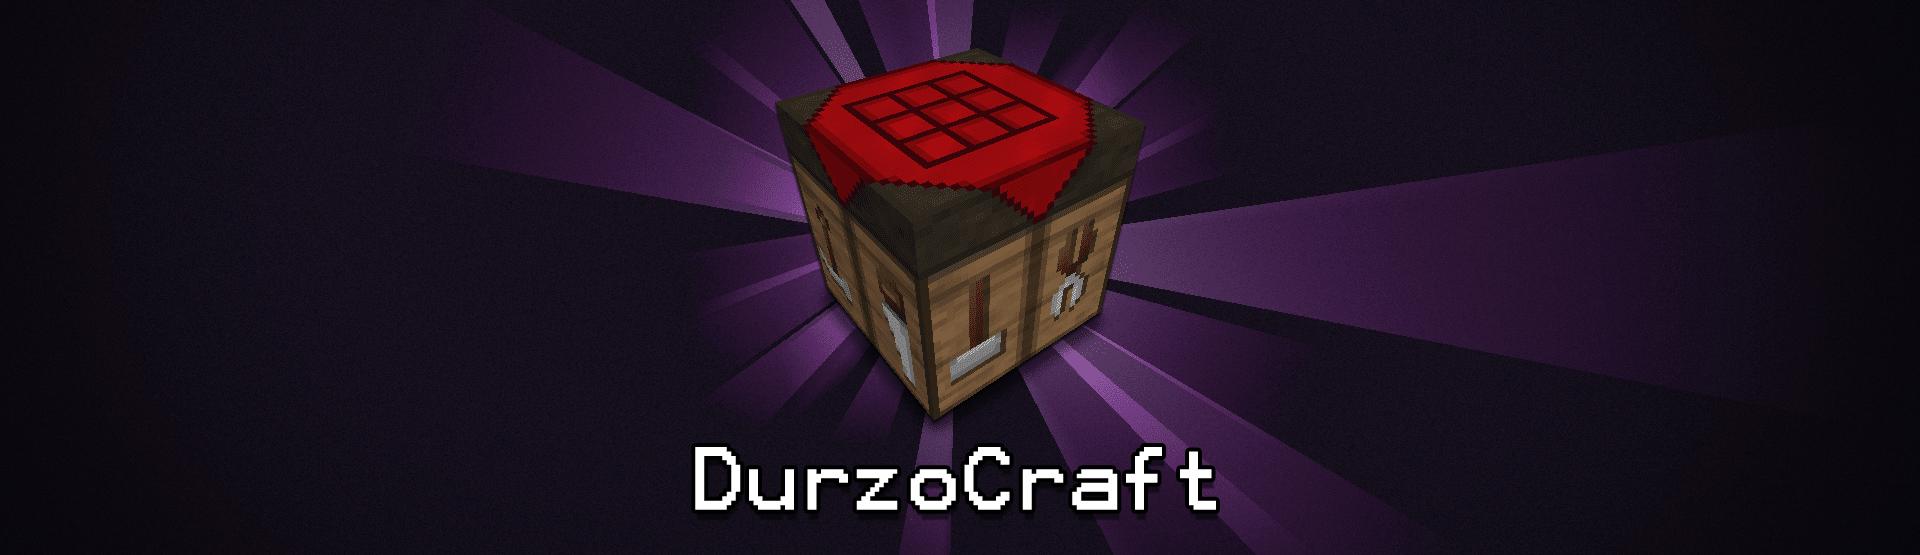 Durzocraft - xm3ZaxI